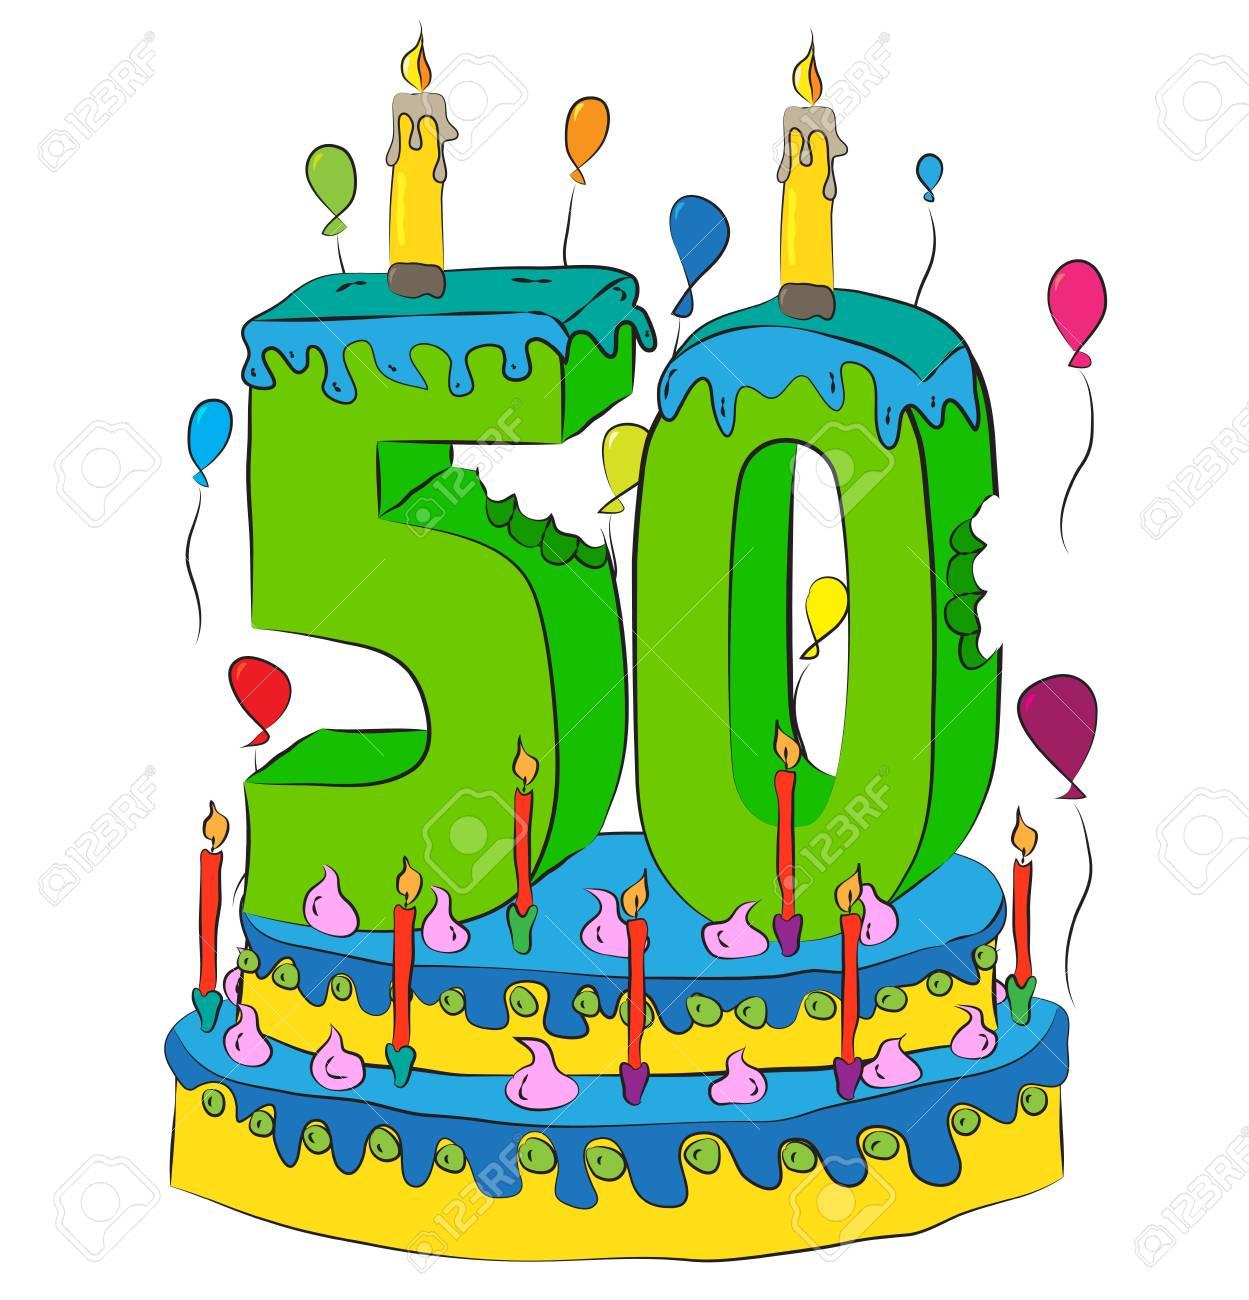 50 Geburtstagskuchen Mit Kerze Der Nr Fünfzig Fünfzigstes Jahr Des